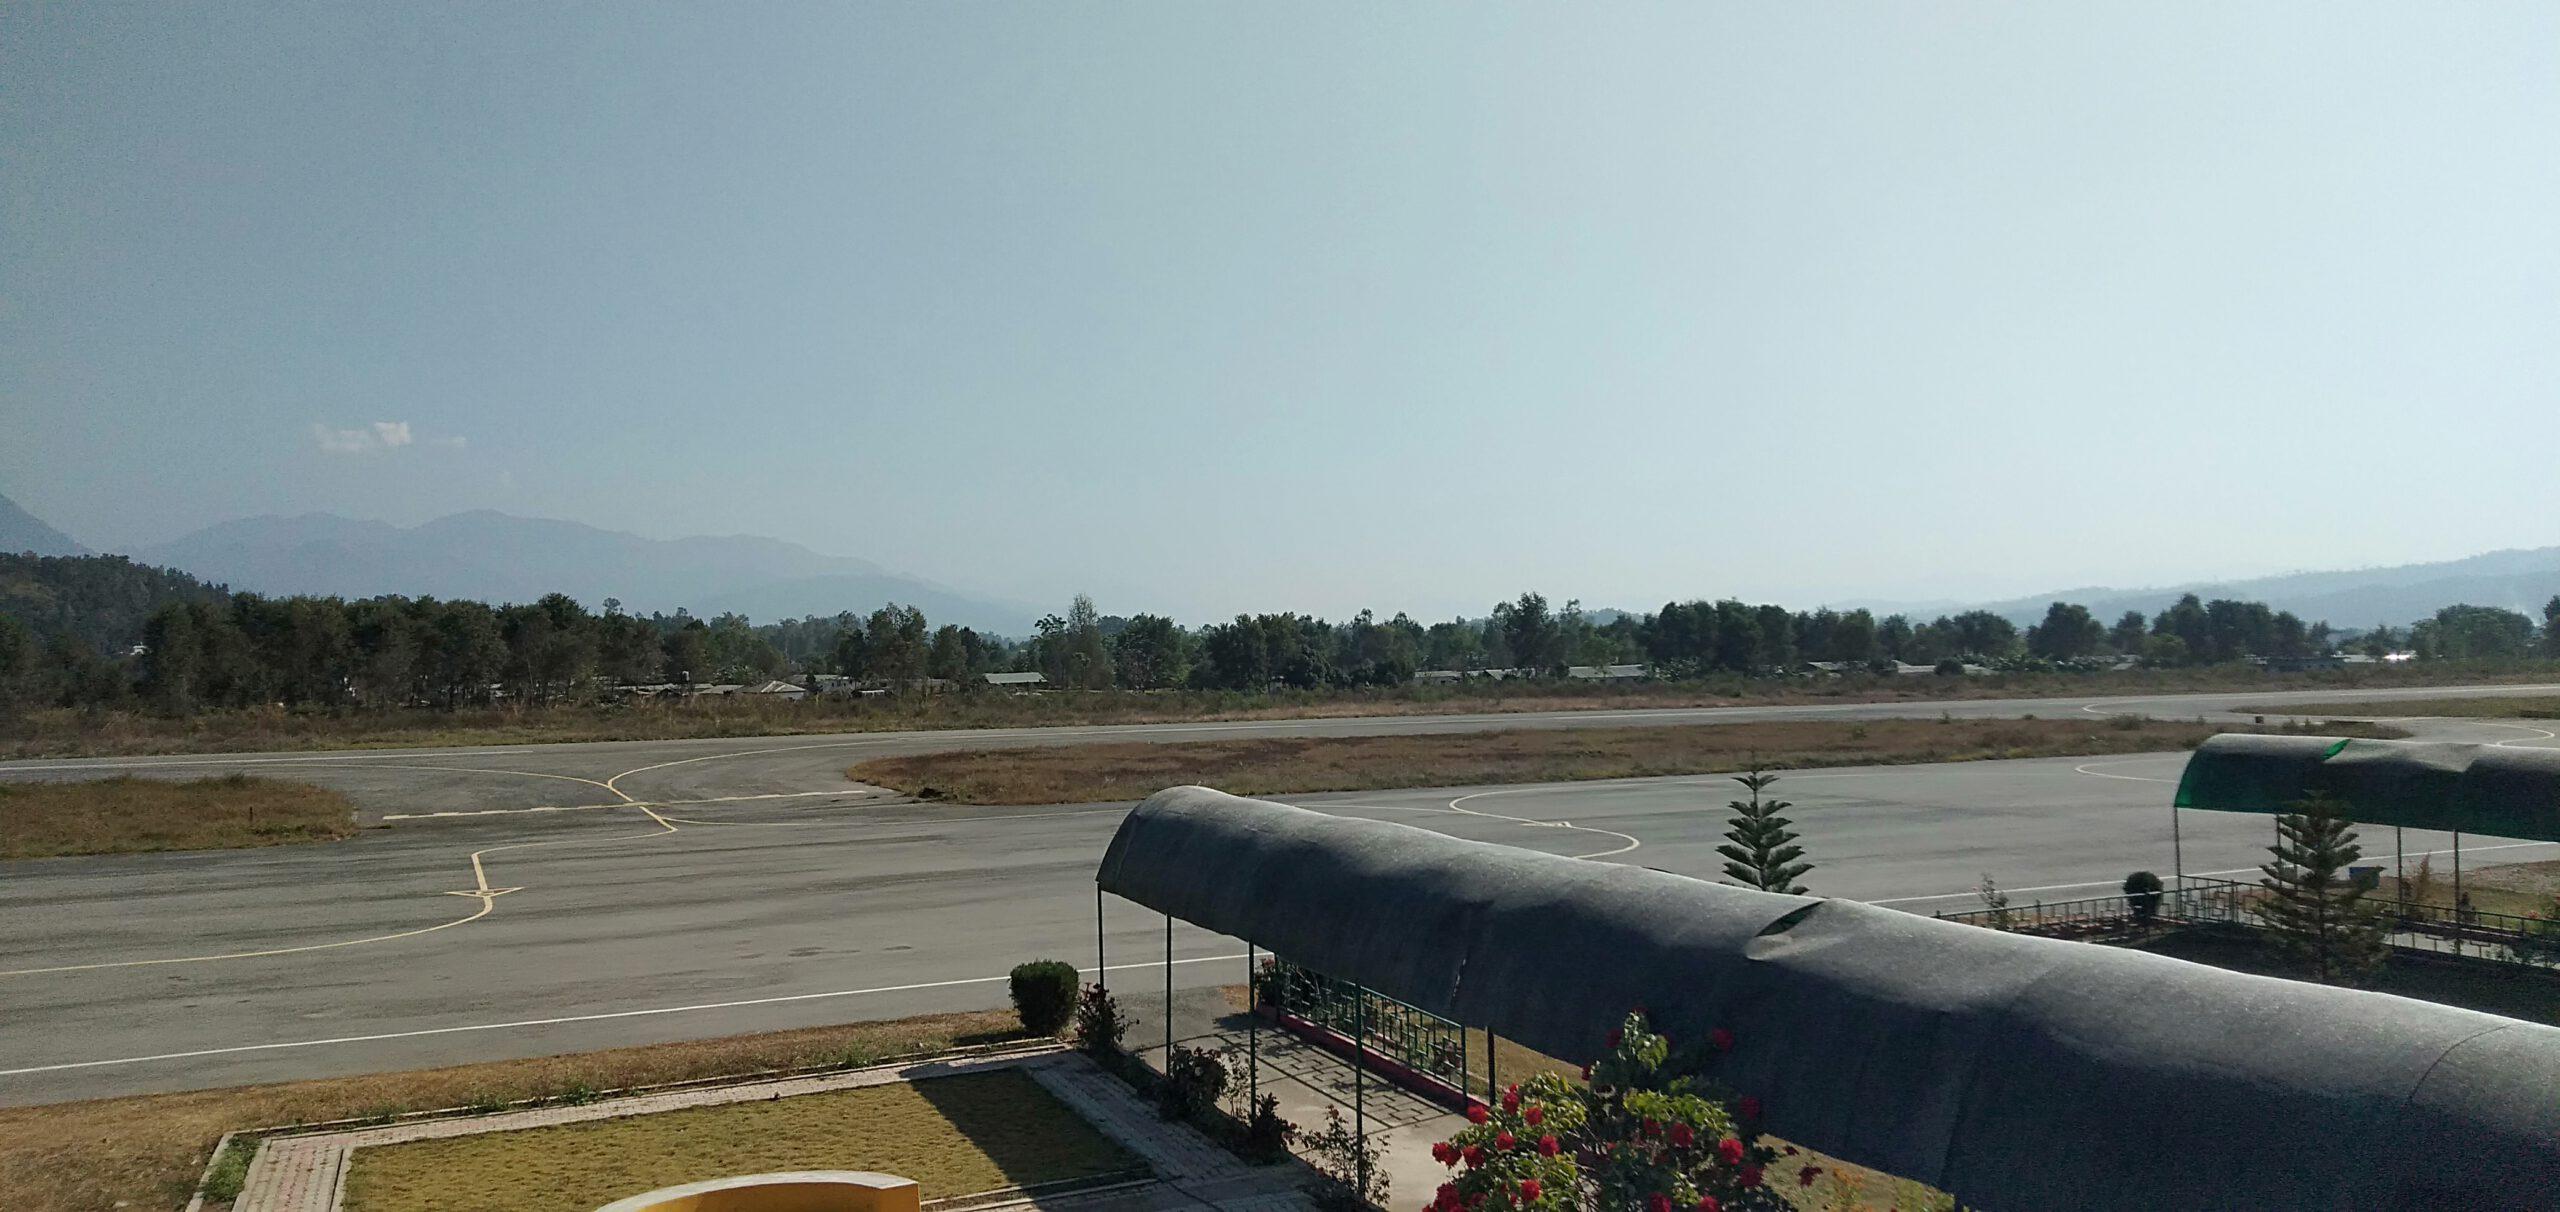 सुर्खेत विमानस्थल विस्तारको लागि जग्गा अधिग्रहणको पक्रिया सुरु